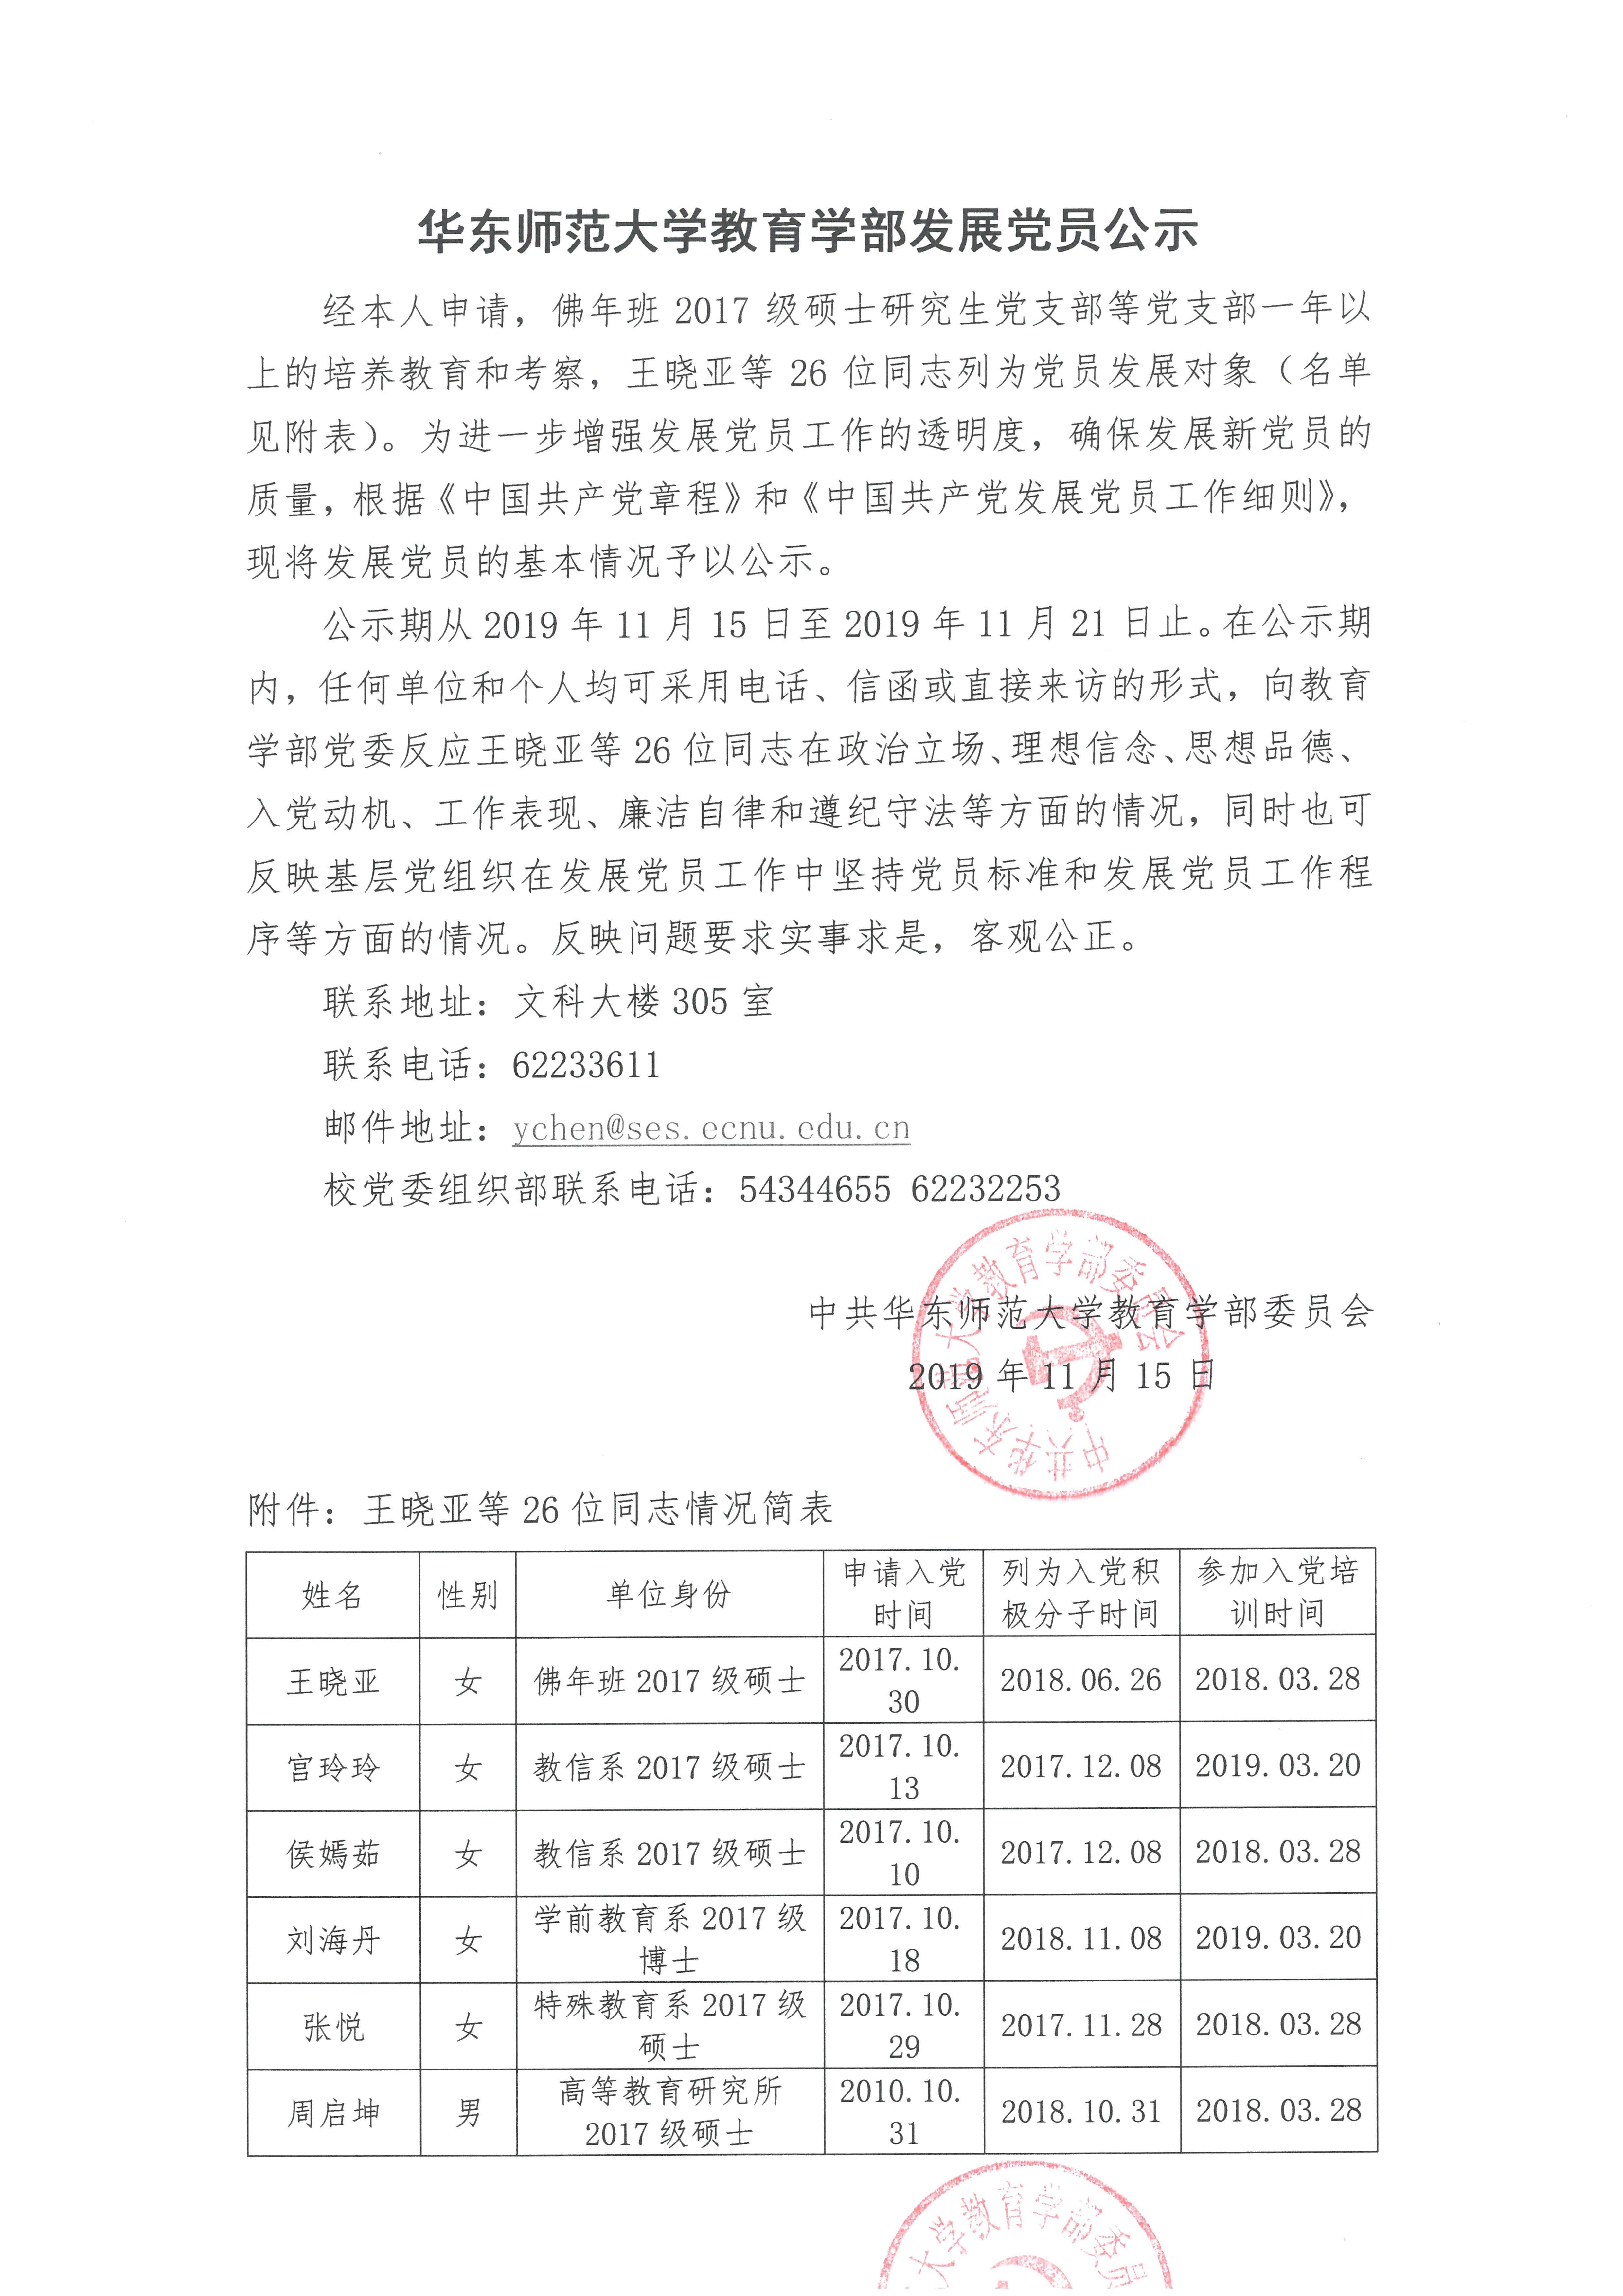 【公示】教育学部2019年11月发展党员公示